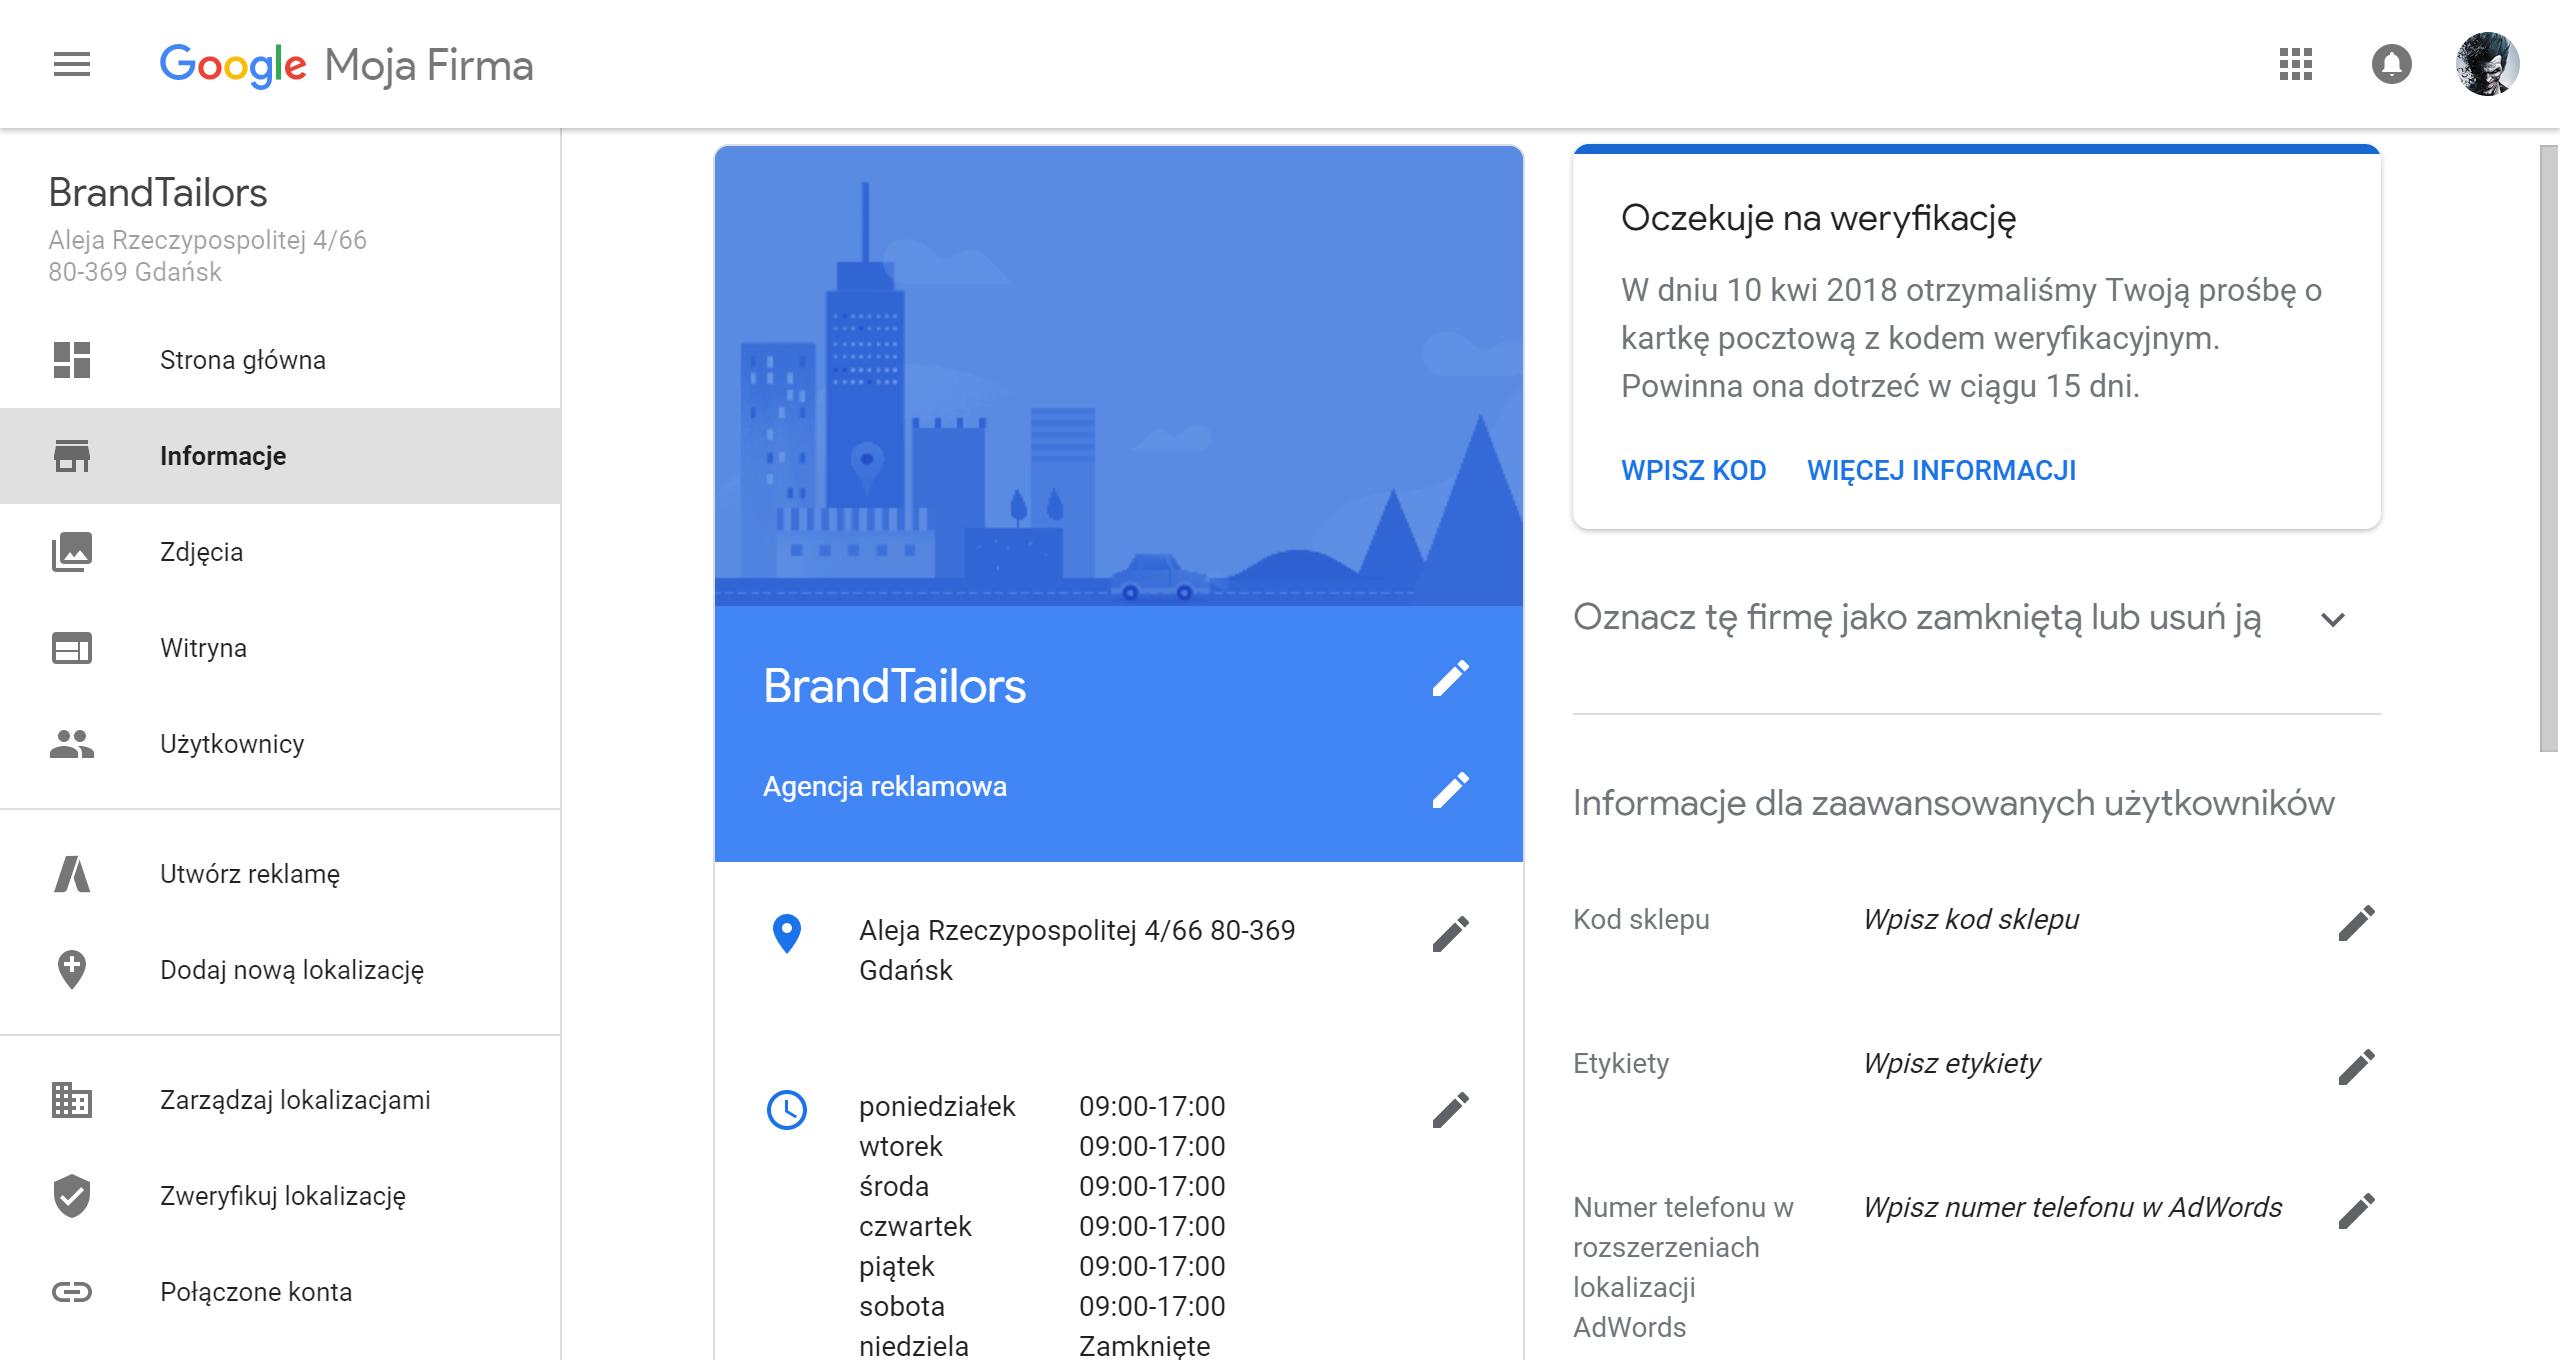 Informacje-do-uzupełnienia-google-moja-firma-brandtailors